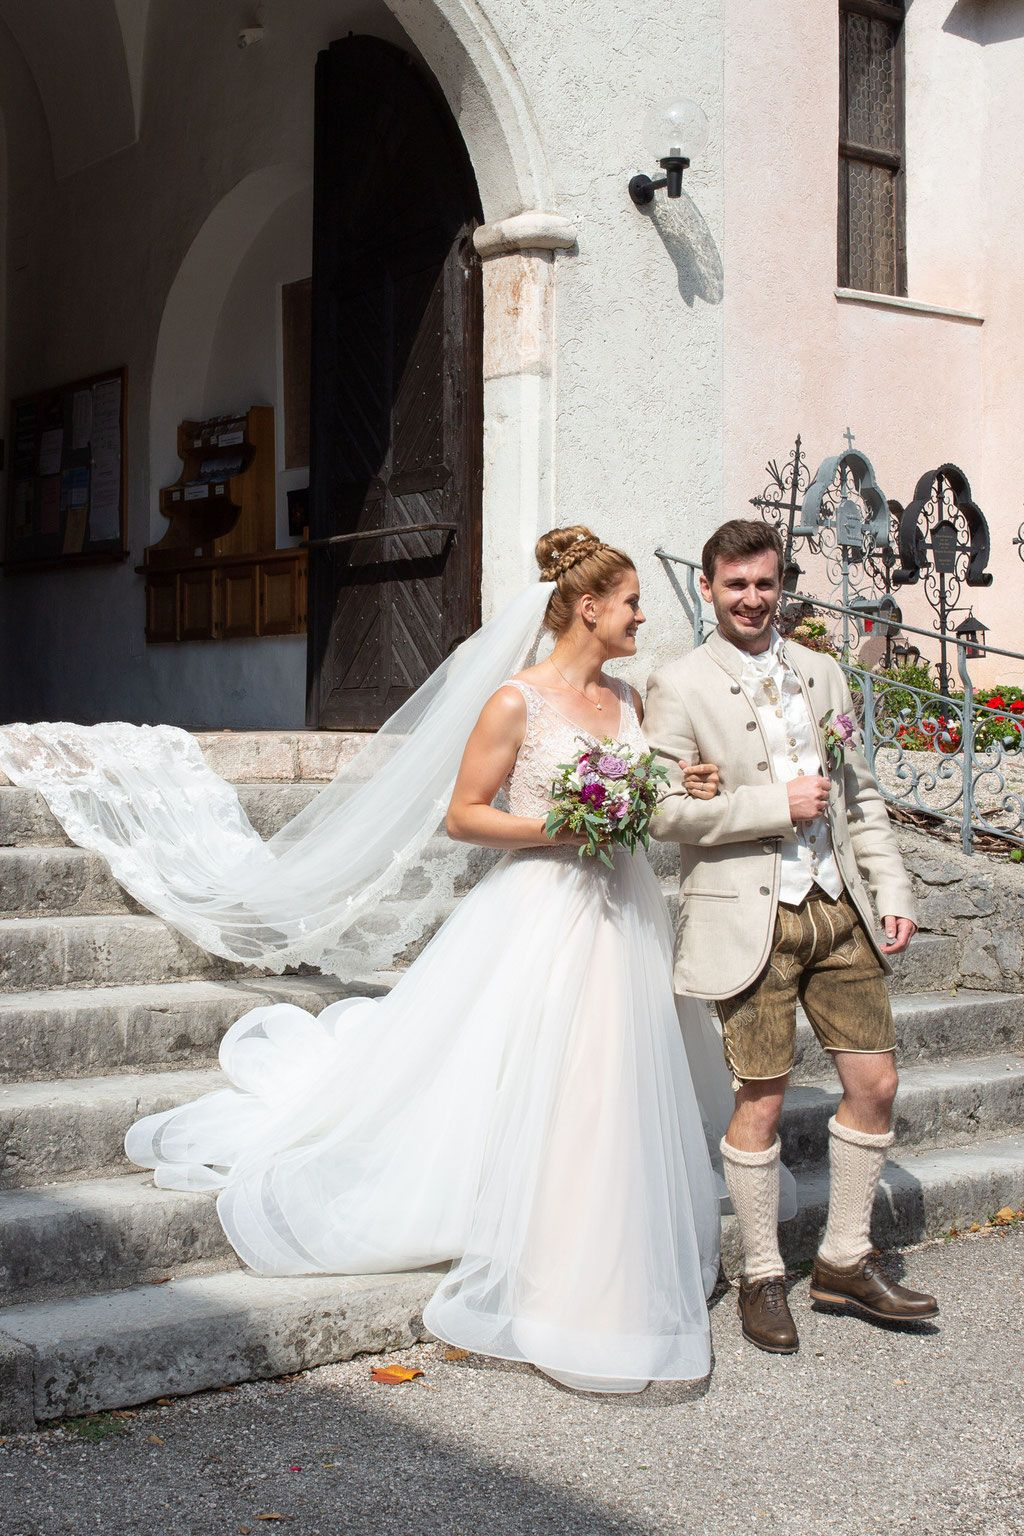 Auszug aus der Kirche  Hochzeitsfotograf, Hochzeit bilder, Trauung